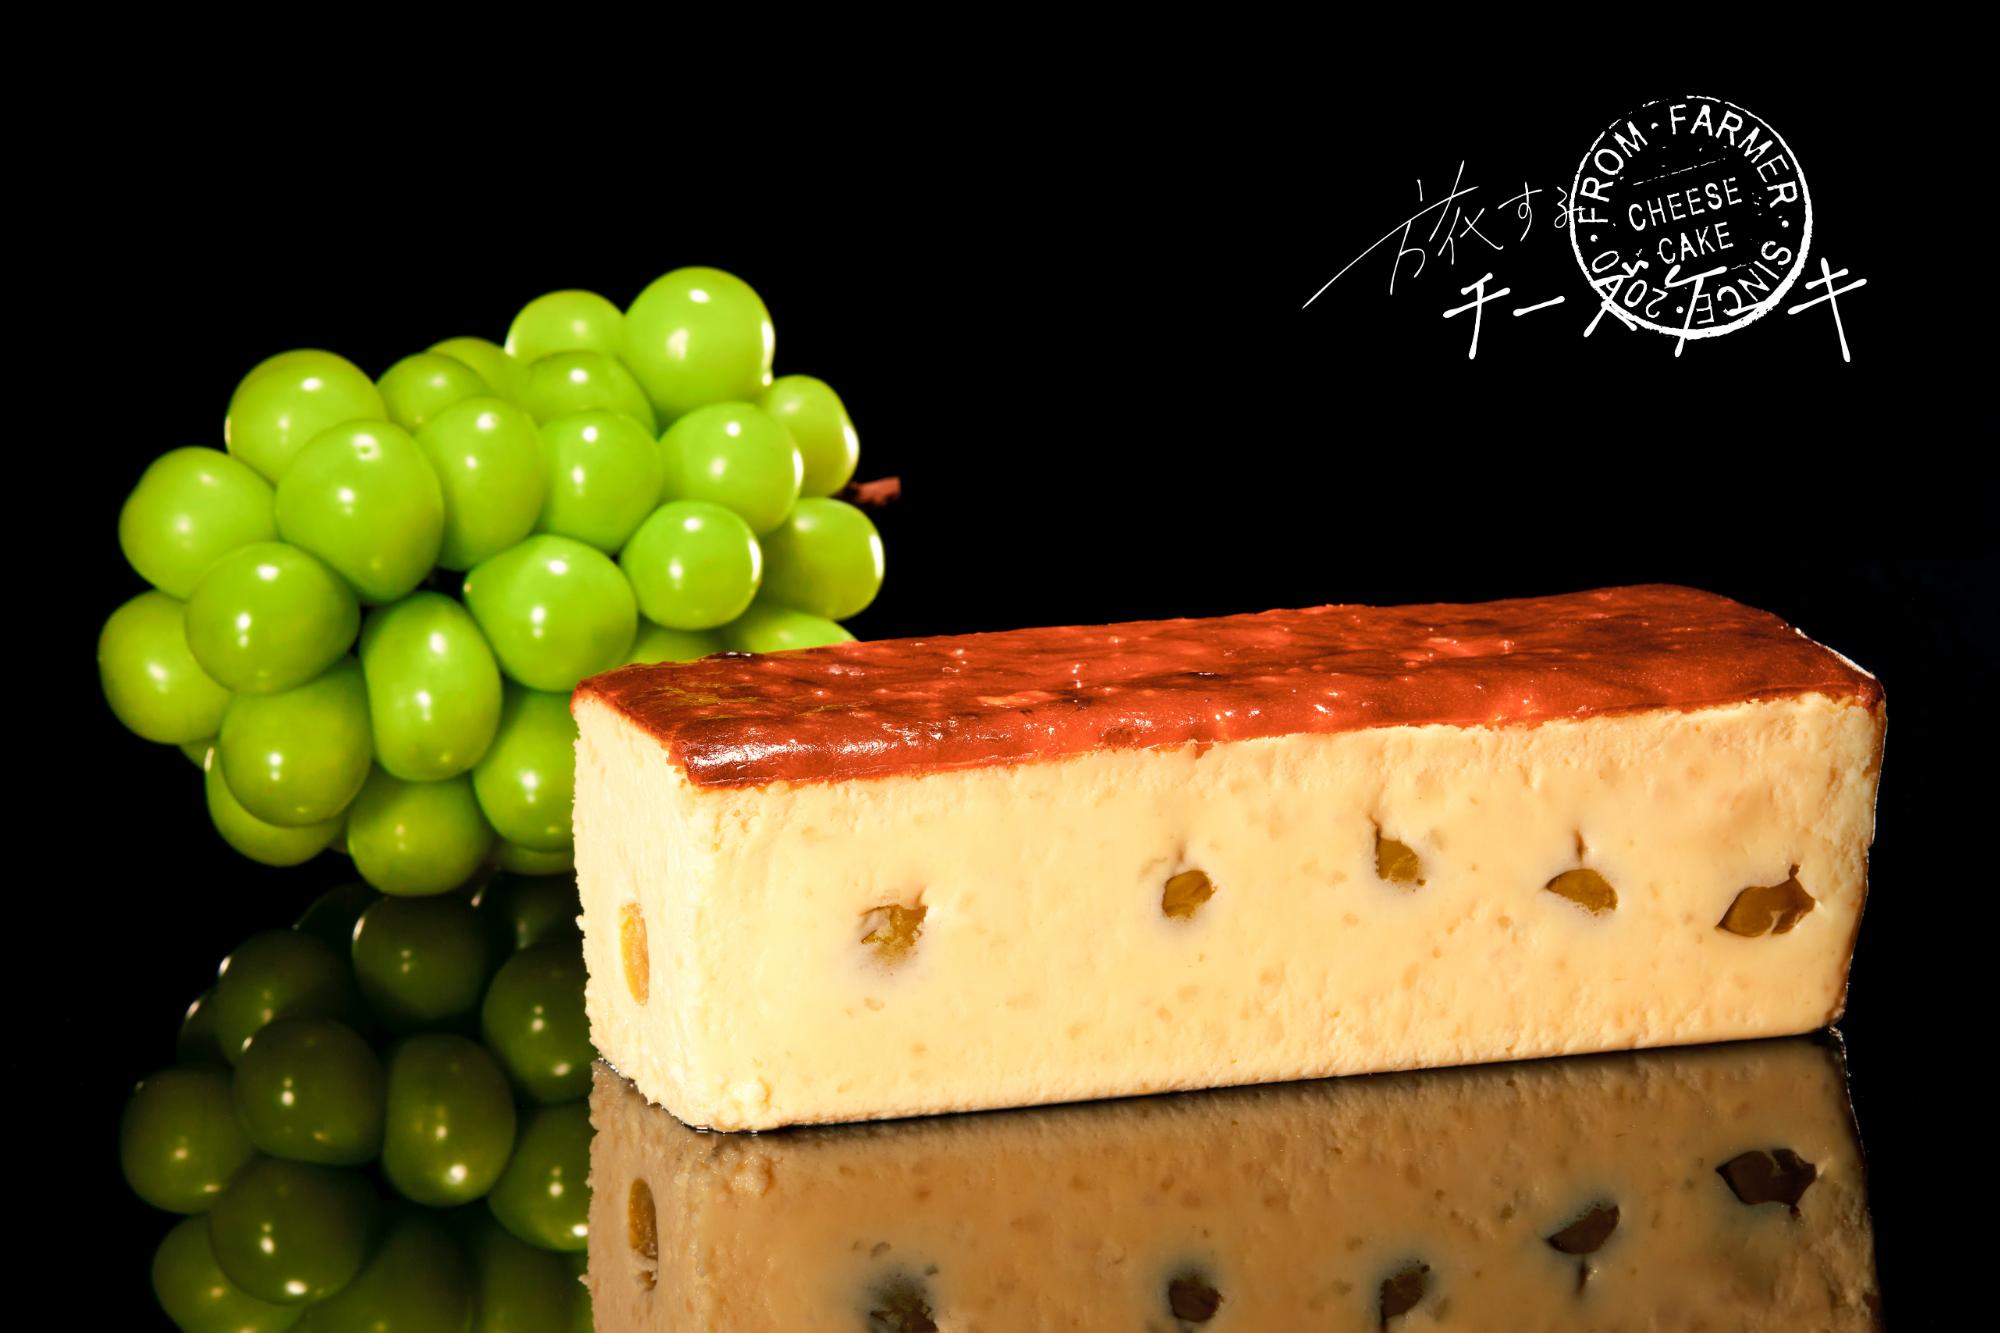 【配送希望の方はこちらから】旅するチーズケーキ ハーフ fromアグリスジャパン